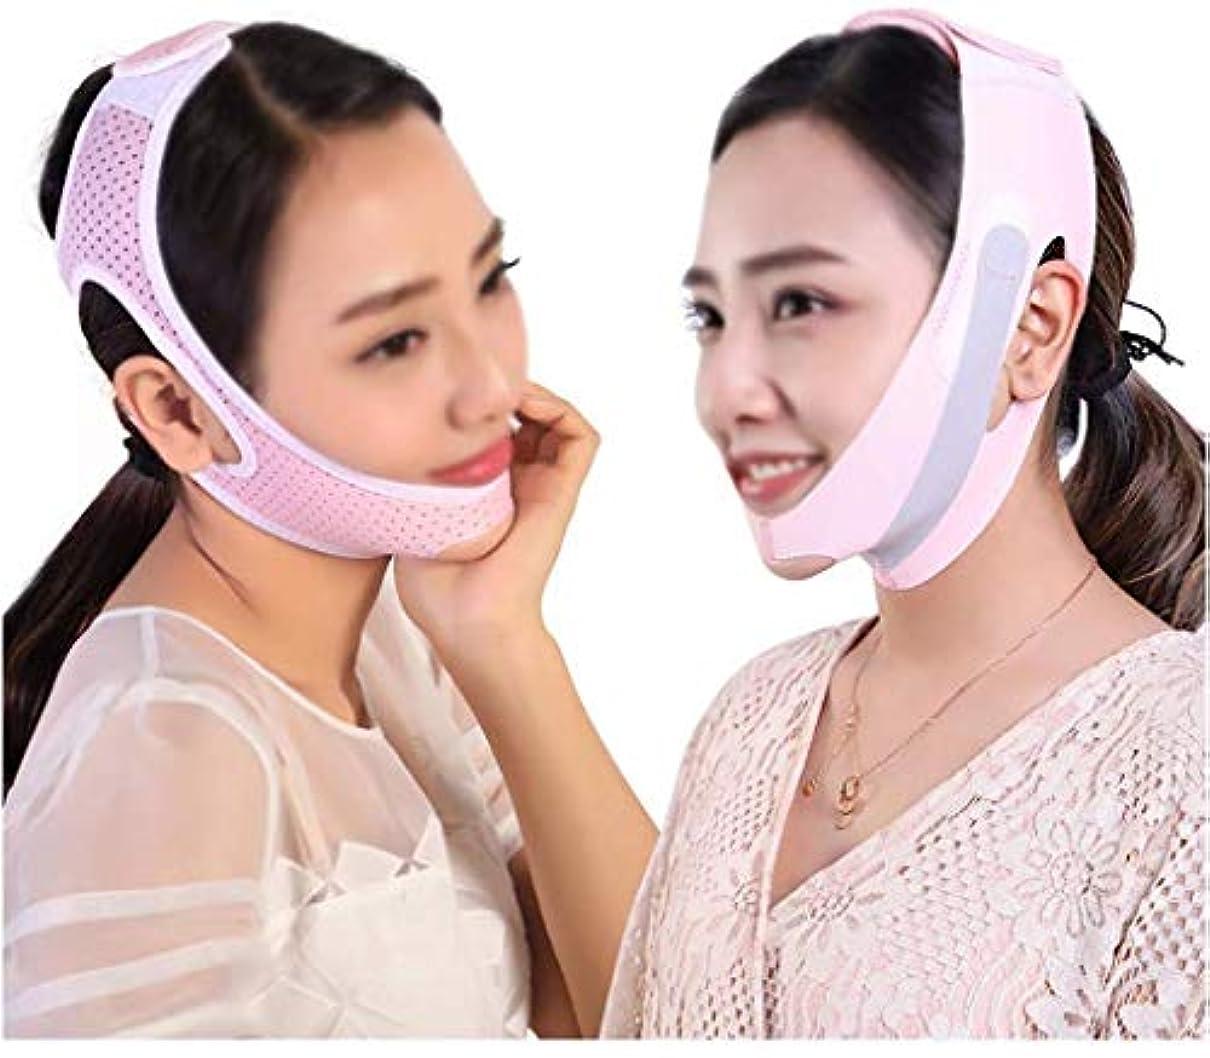 ペグラップトップ勢いスリミングVフェイスマスク、顔と首のリフトポストエラスティックスリーブシェーピングVフェイスマスクシュリンクチンシンフェイスバンデージタイトニングスモールVフェイスアーティファクトフェイスマスク(2パック)(サイズ:L)